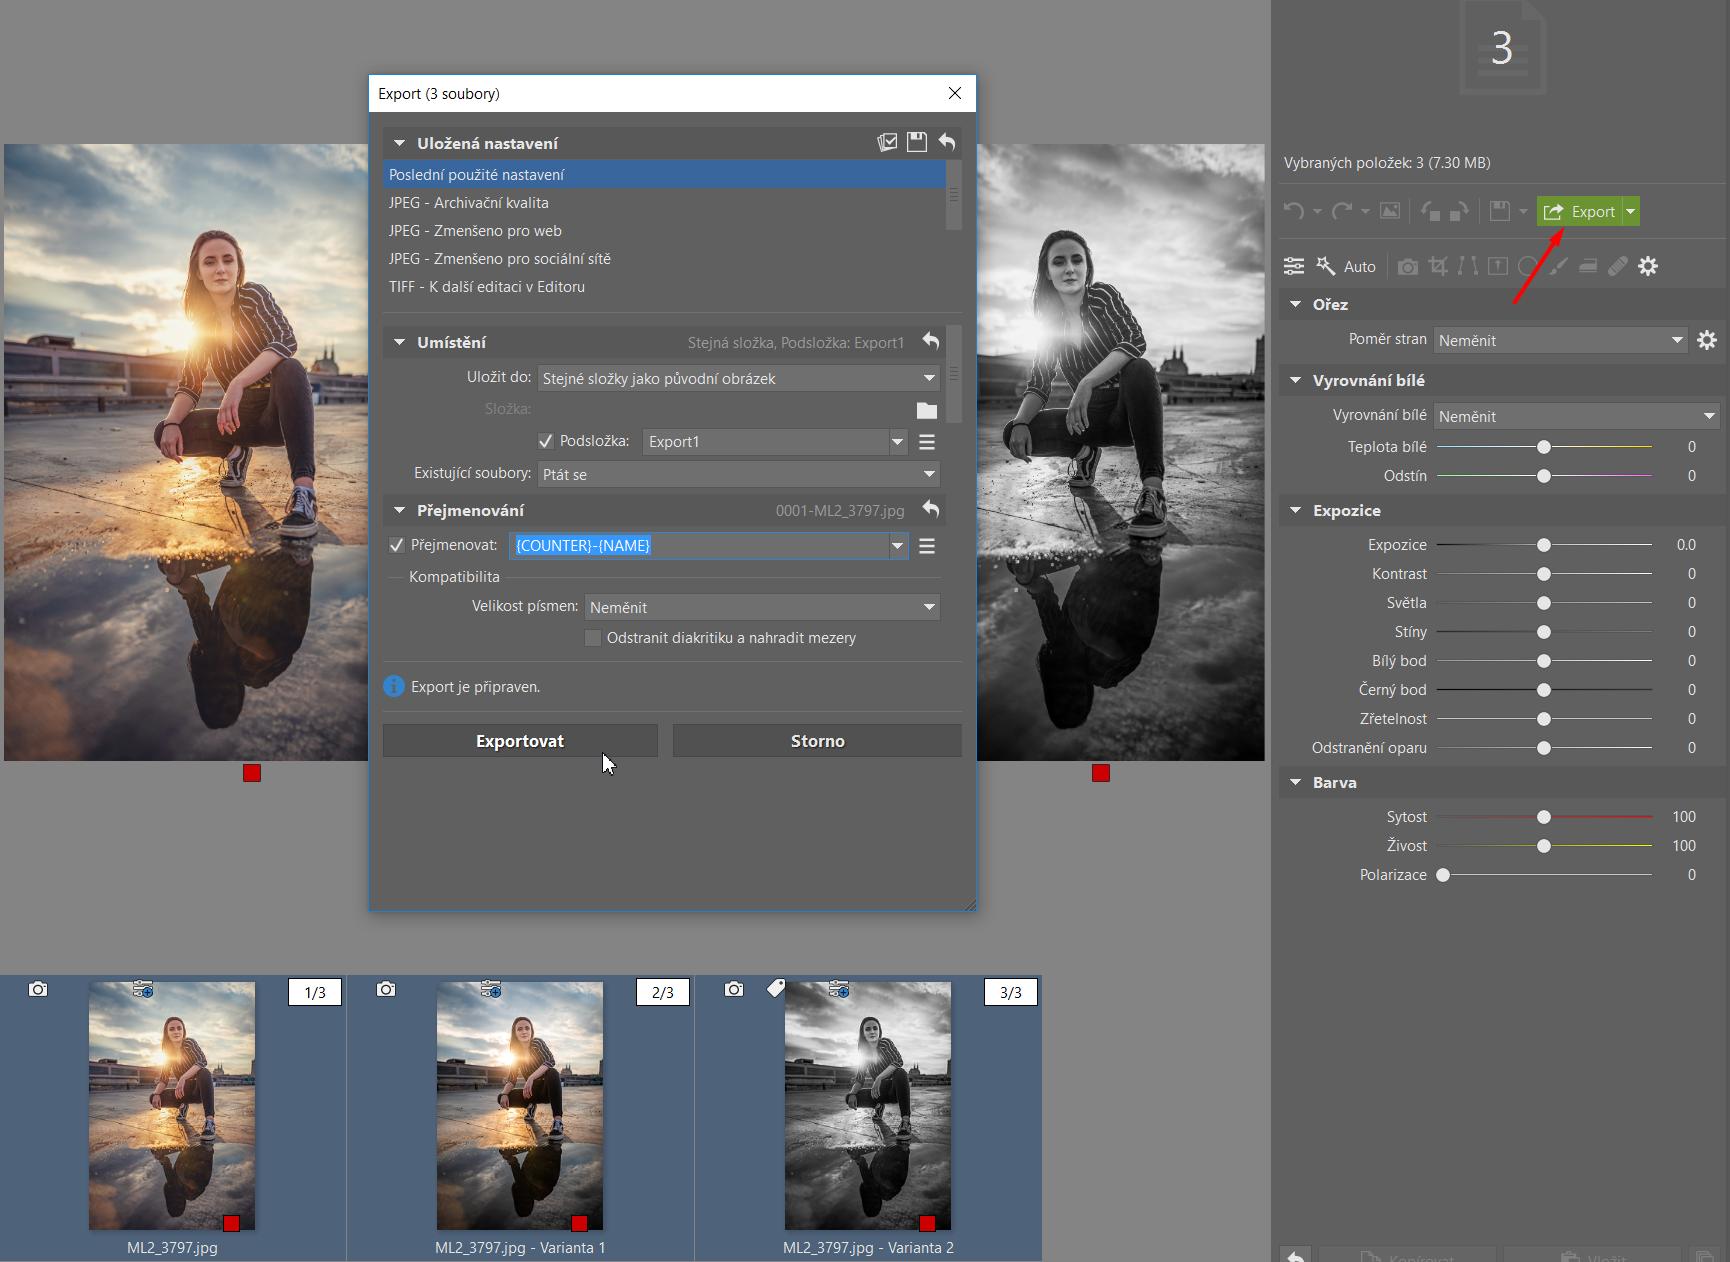 Varianty: vytvořte různé verze úprav jedné fotky - export variant